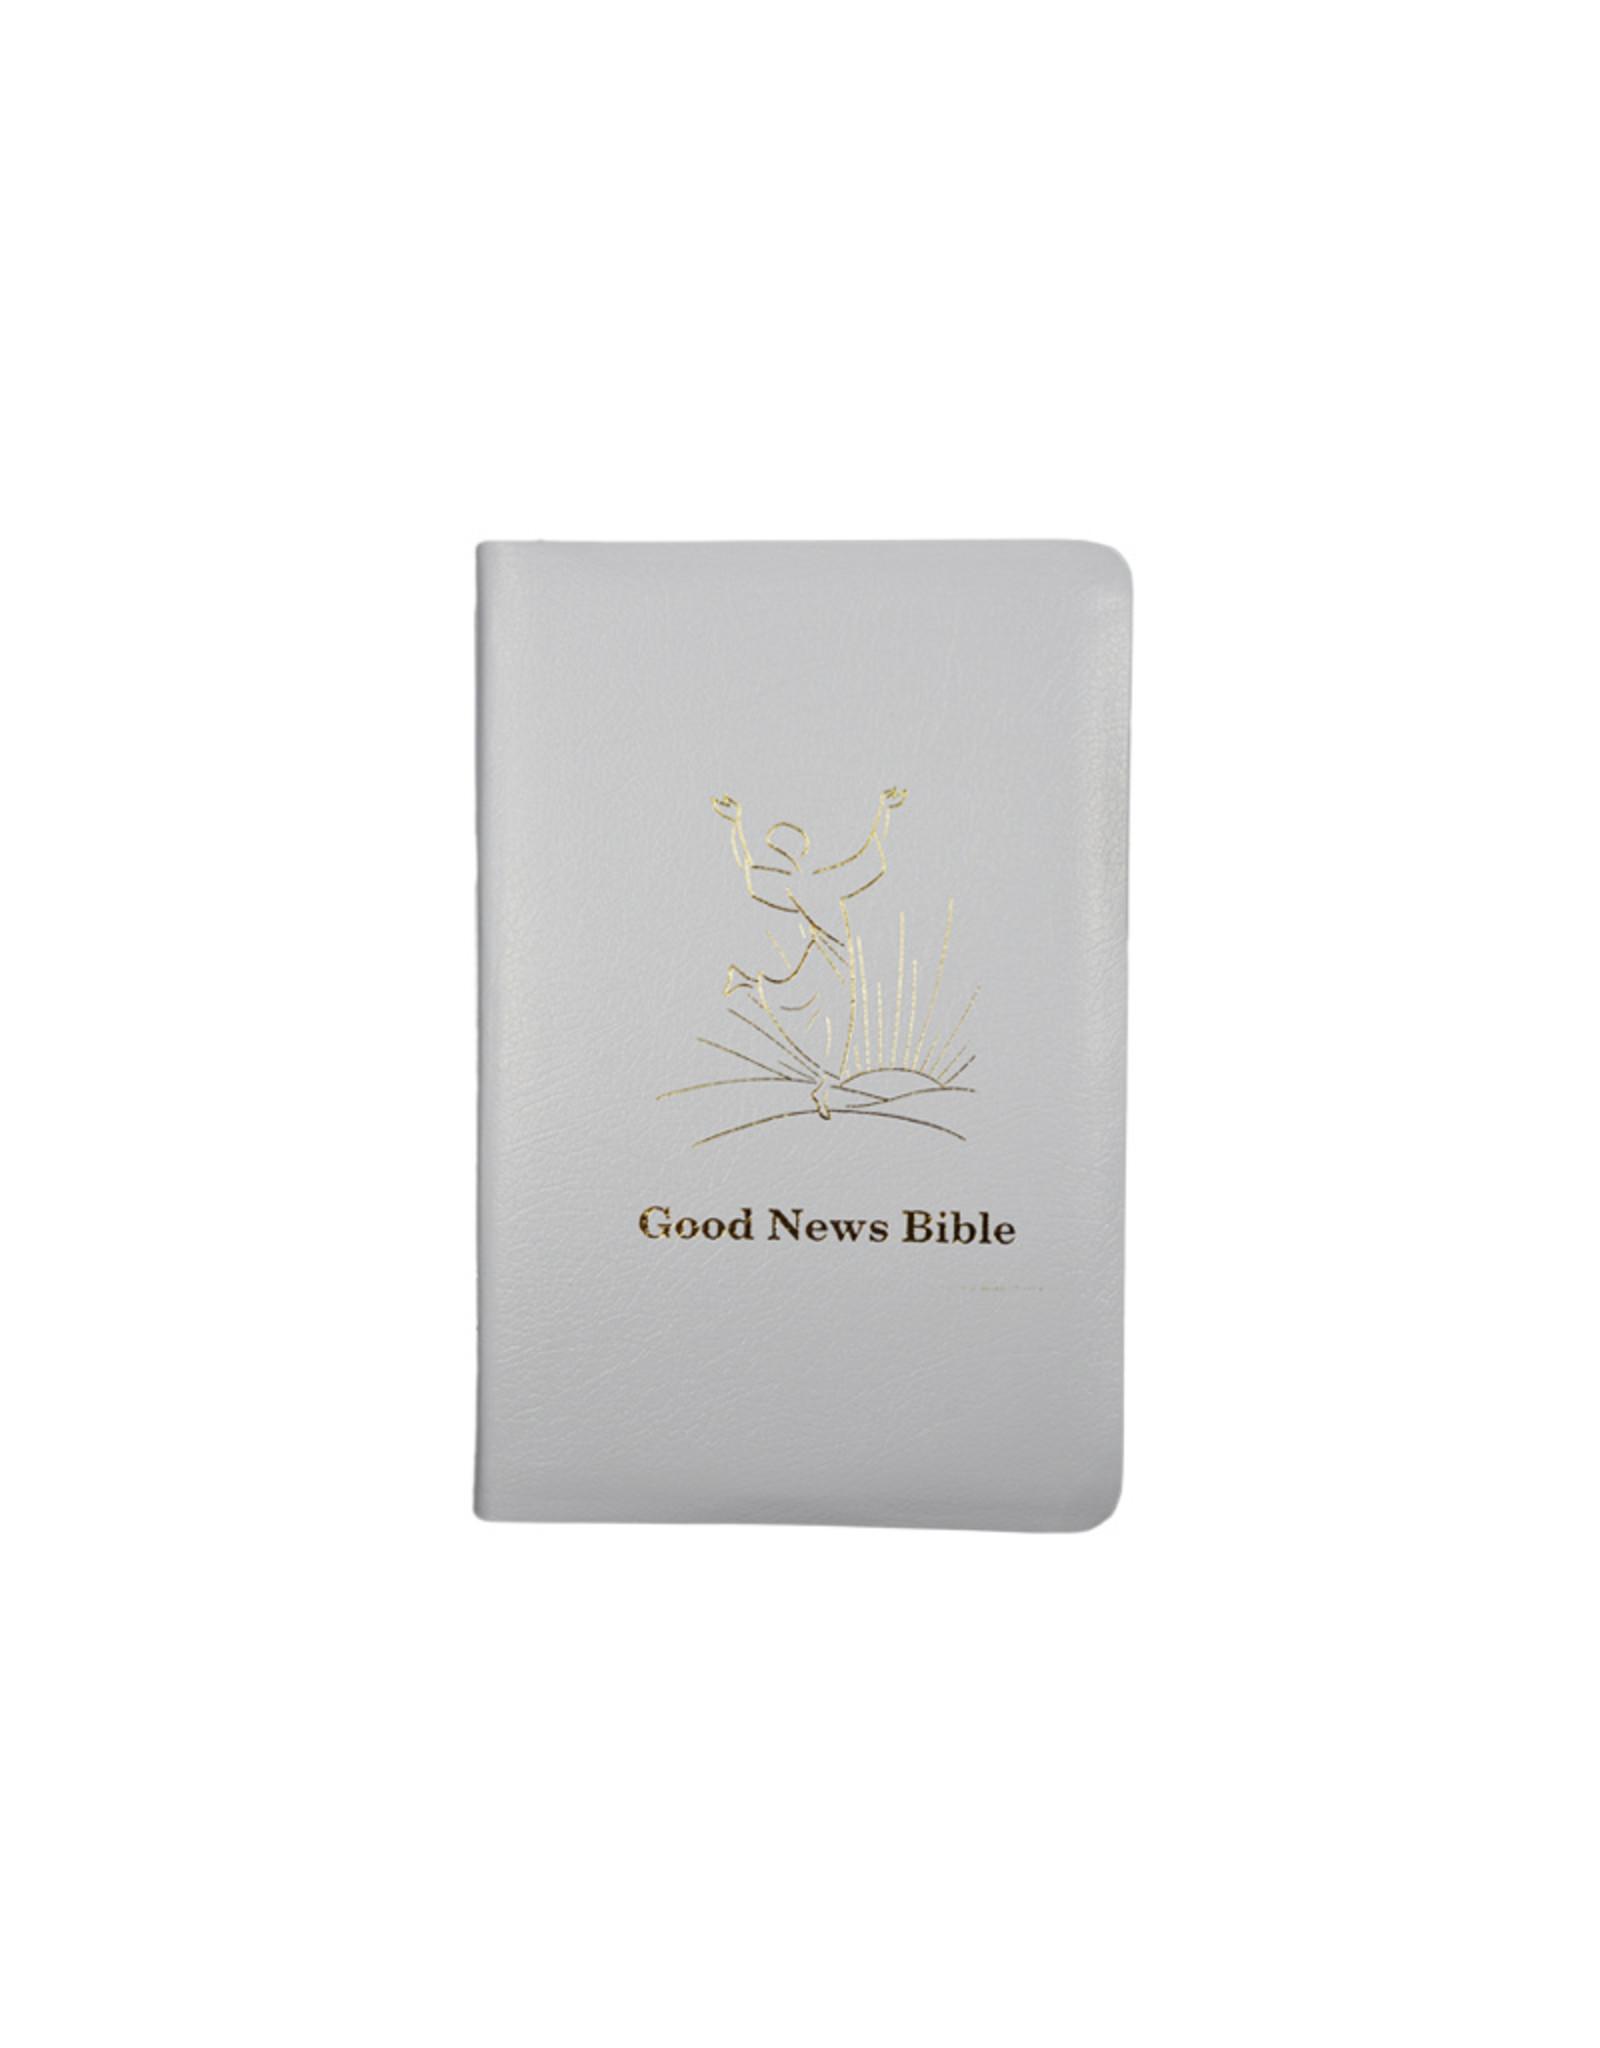 Société Biblique / Bible Society Good News Bible ,  Couverture simili cuir blanc tranche dorée (anglais)